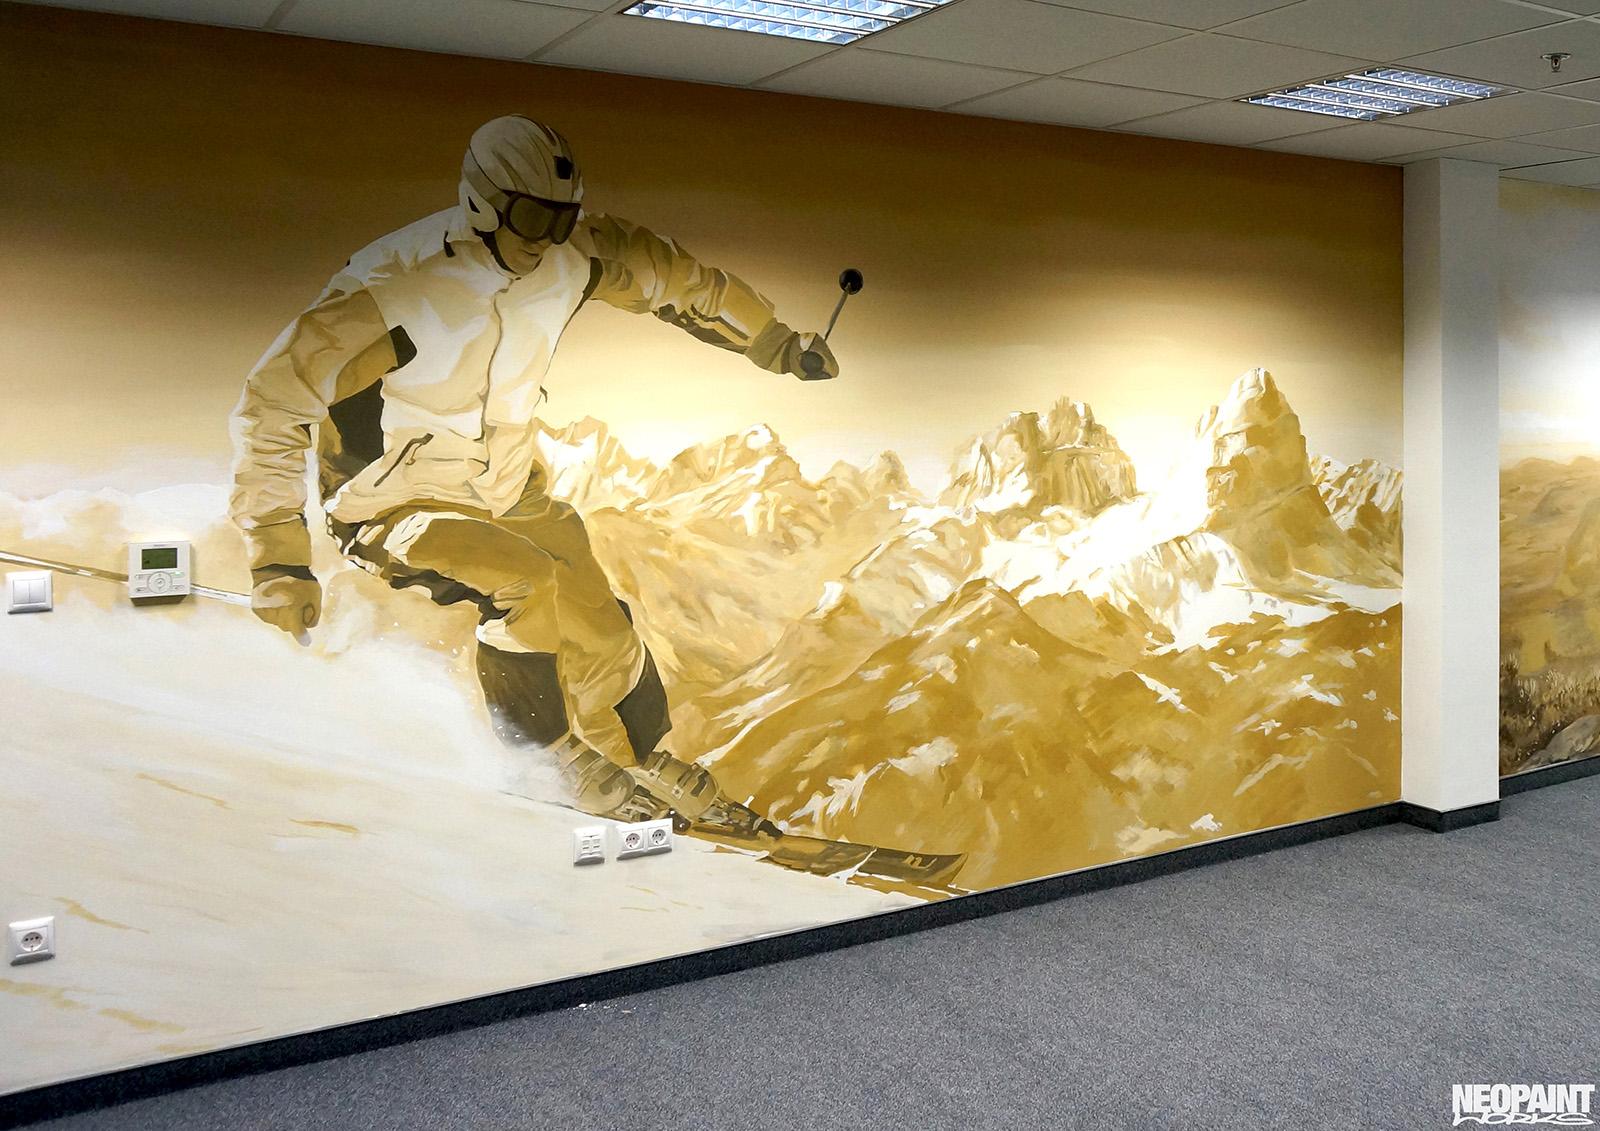 faldekoráció festve - graffiti - festmény - neopaint works - sport (1)